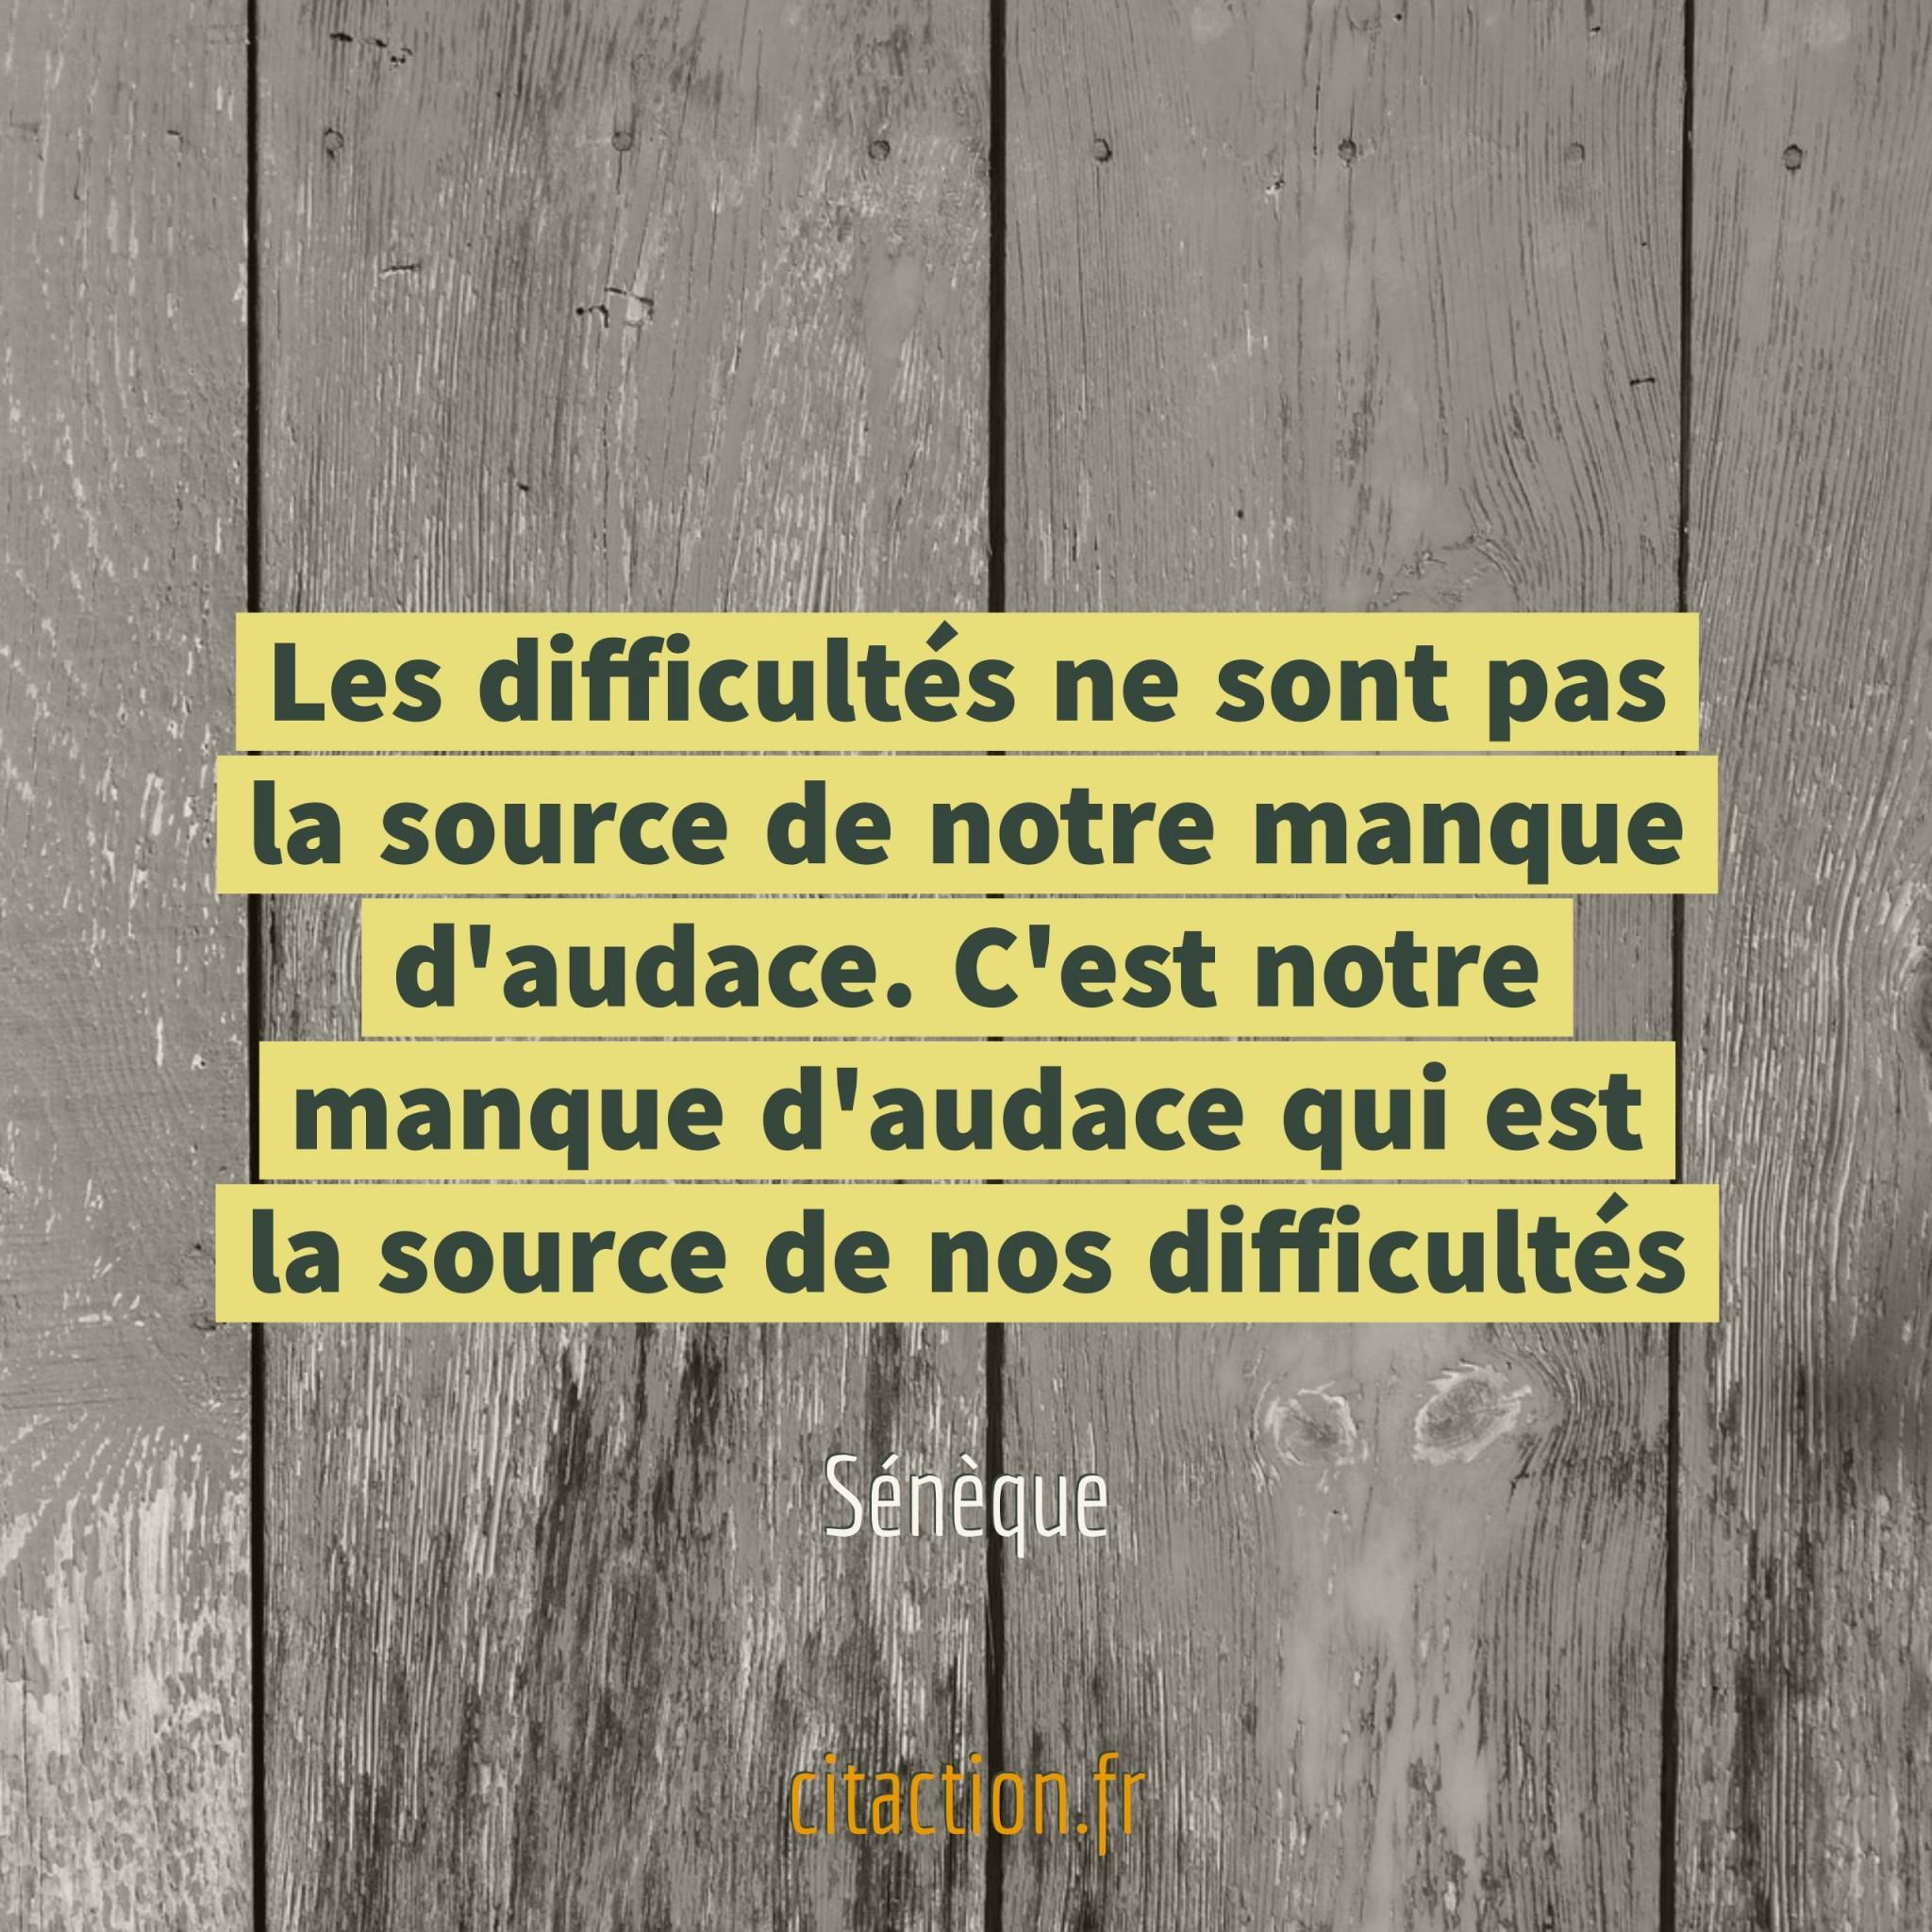 Les difficultés ne sont pas la source de notre manque d'audace. C'est notre manque d'audace qui est la source de nos difficultés